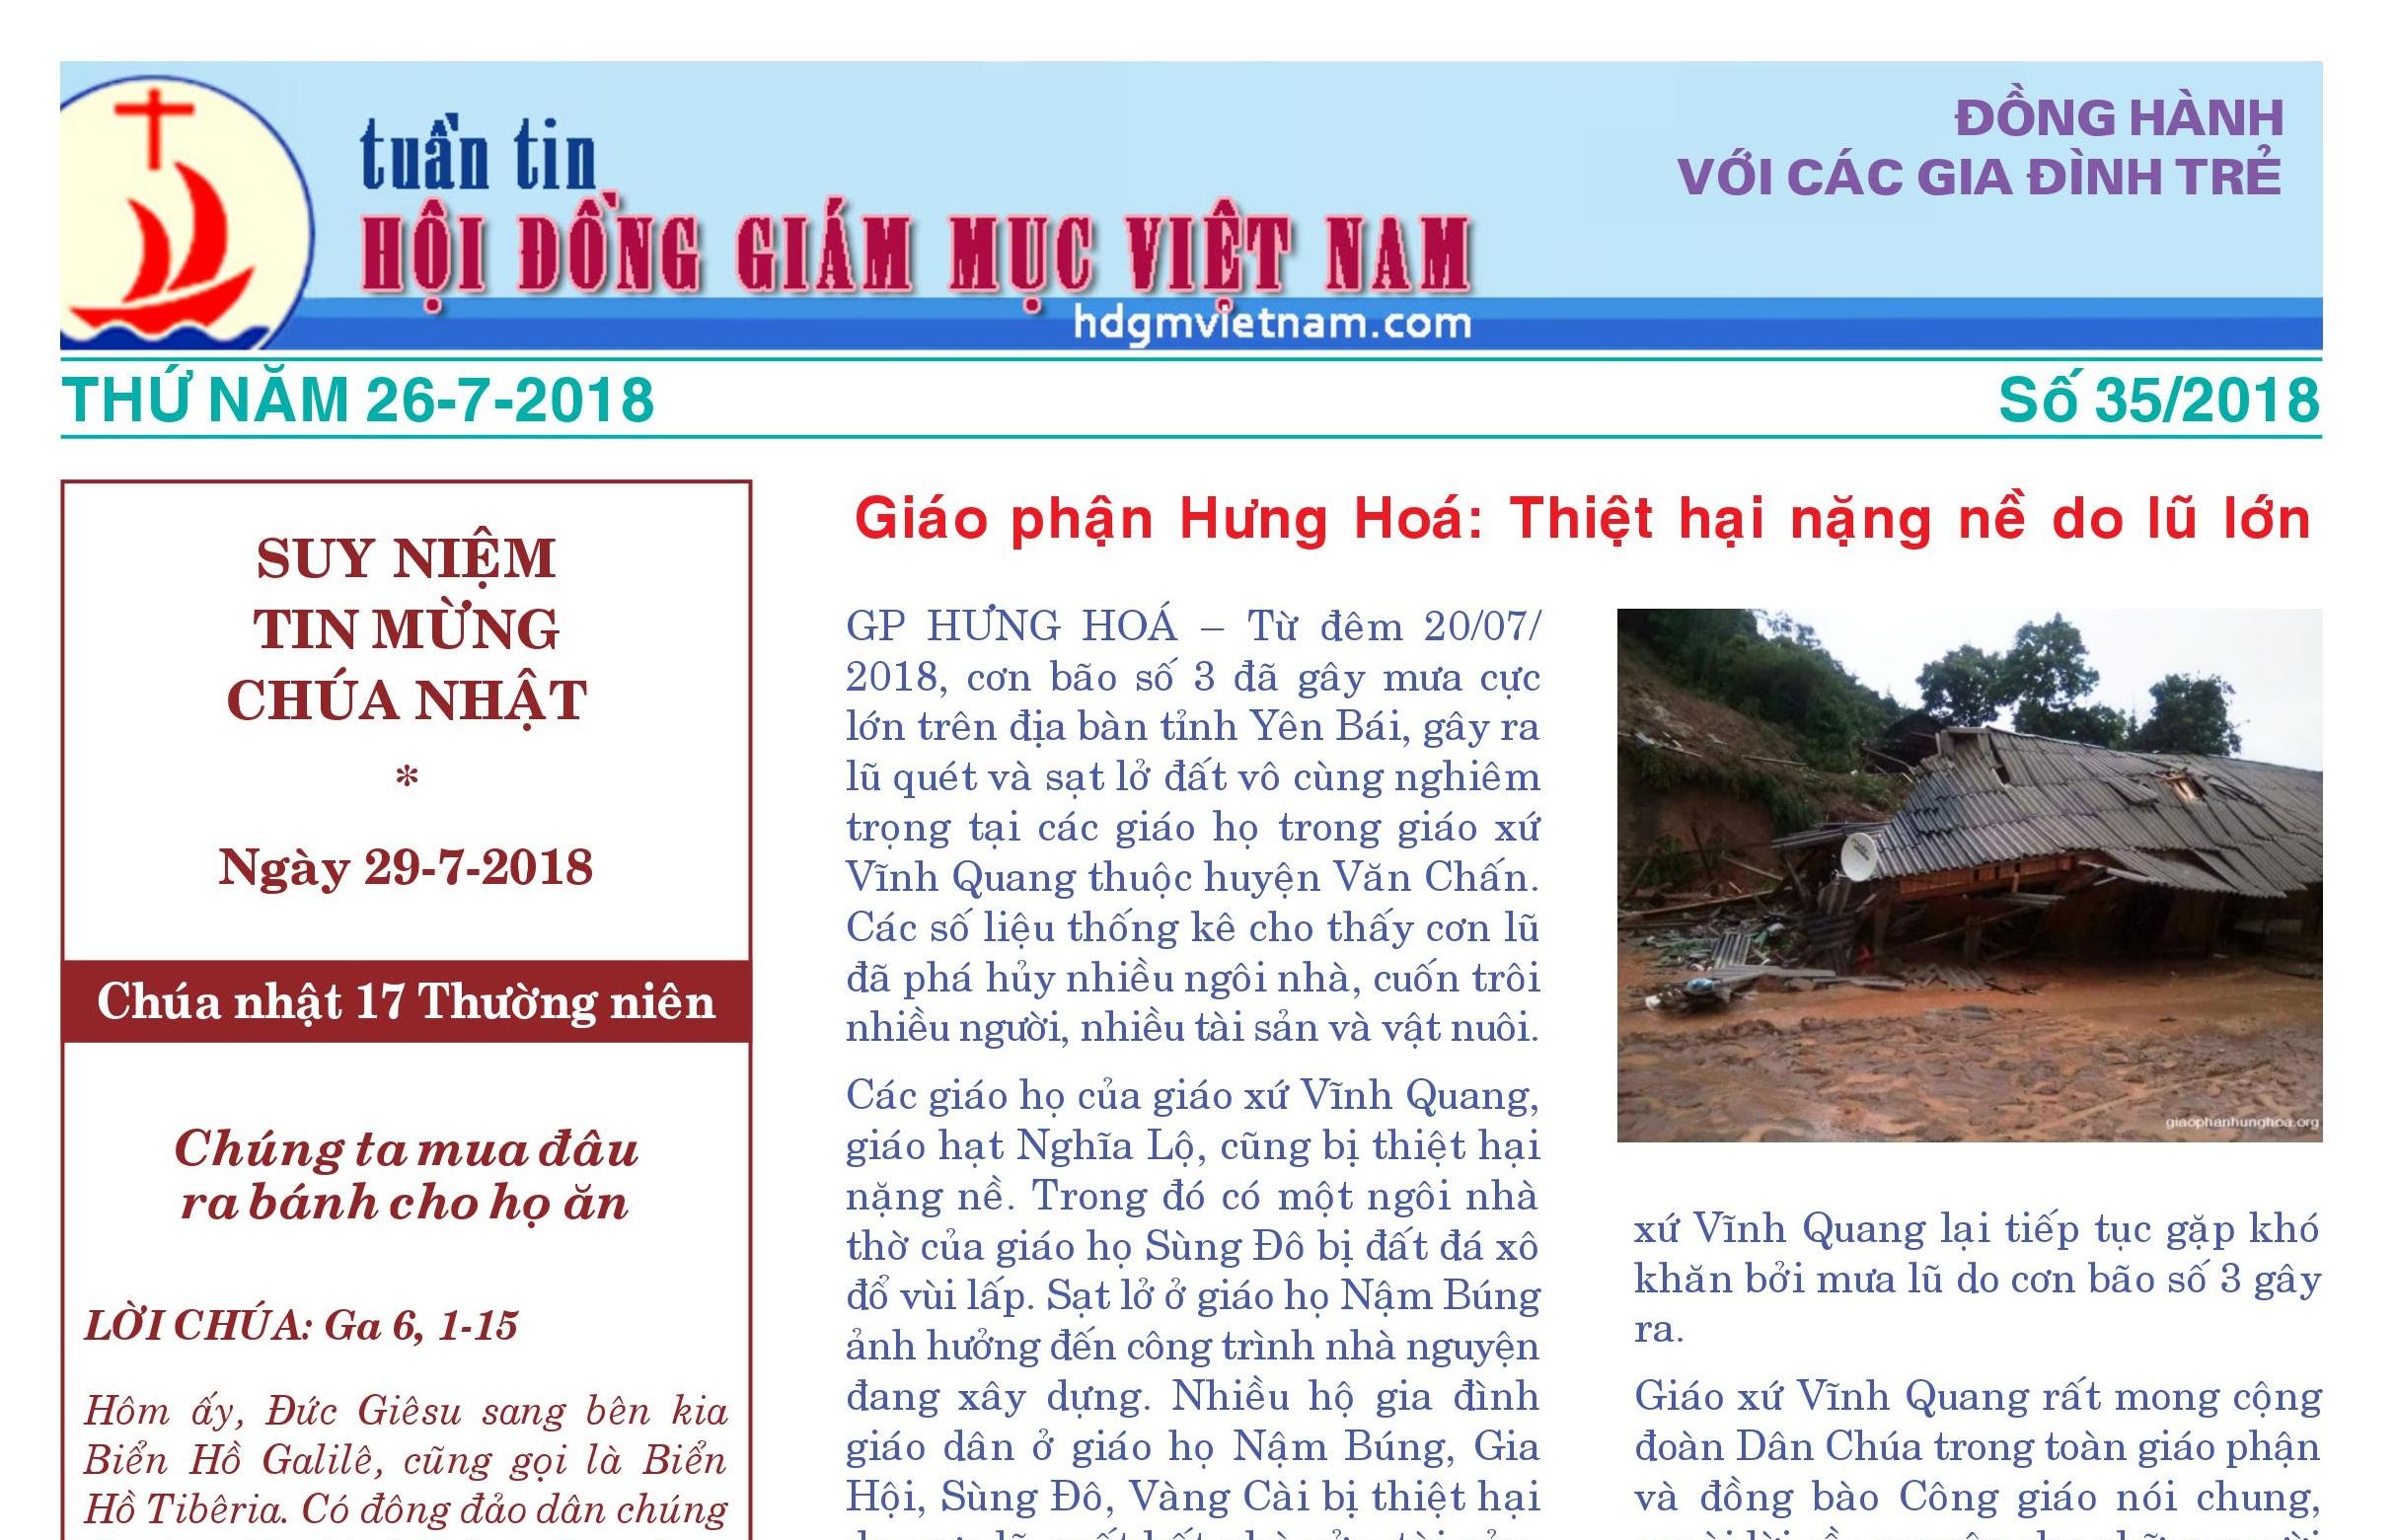 Tuần tin Hội đồng Giám mục Việt Nam số 35/2018